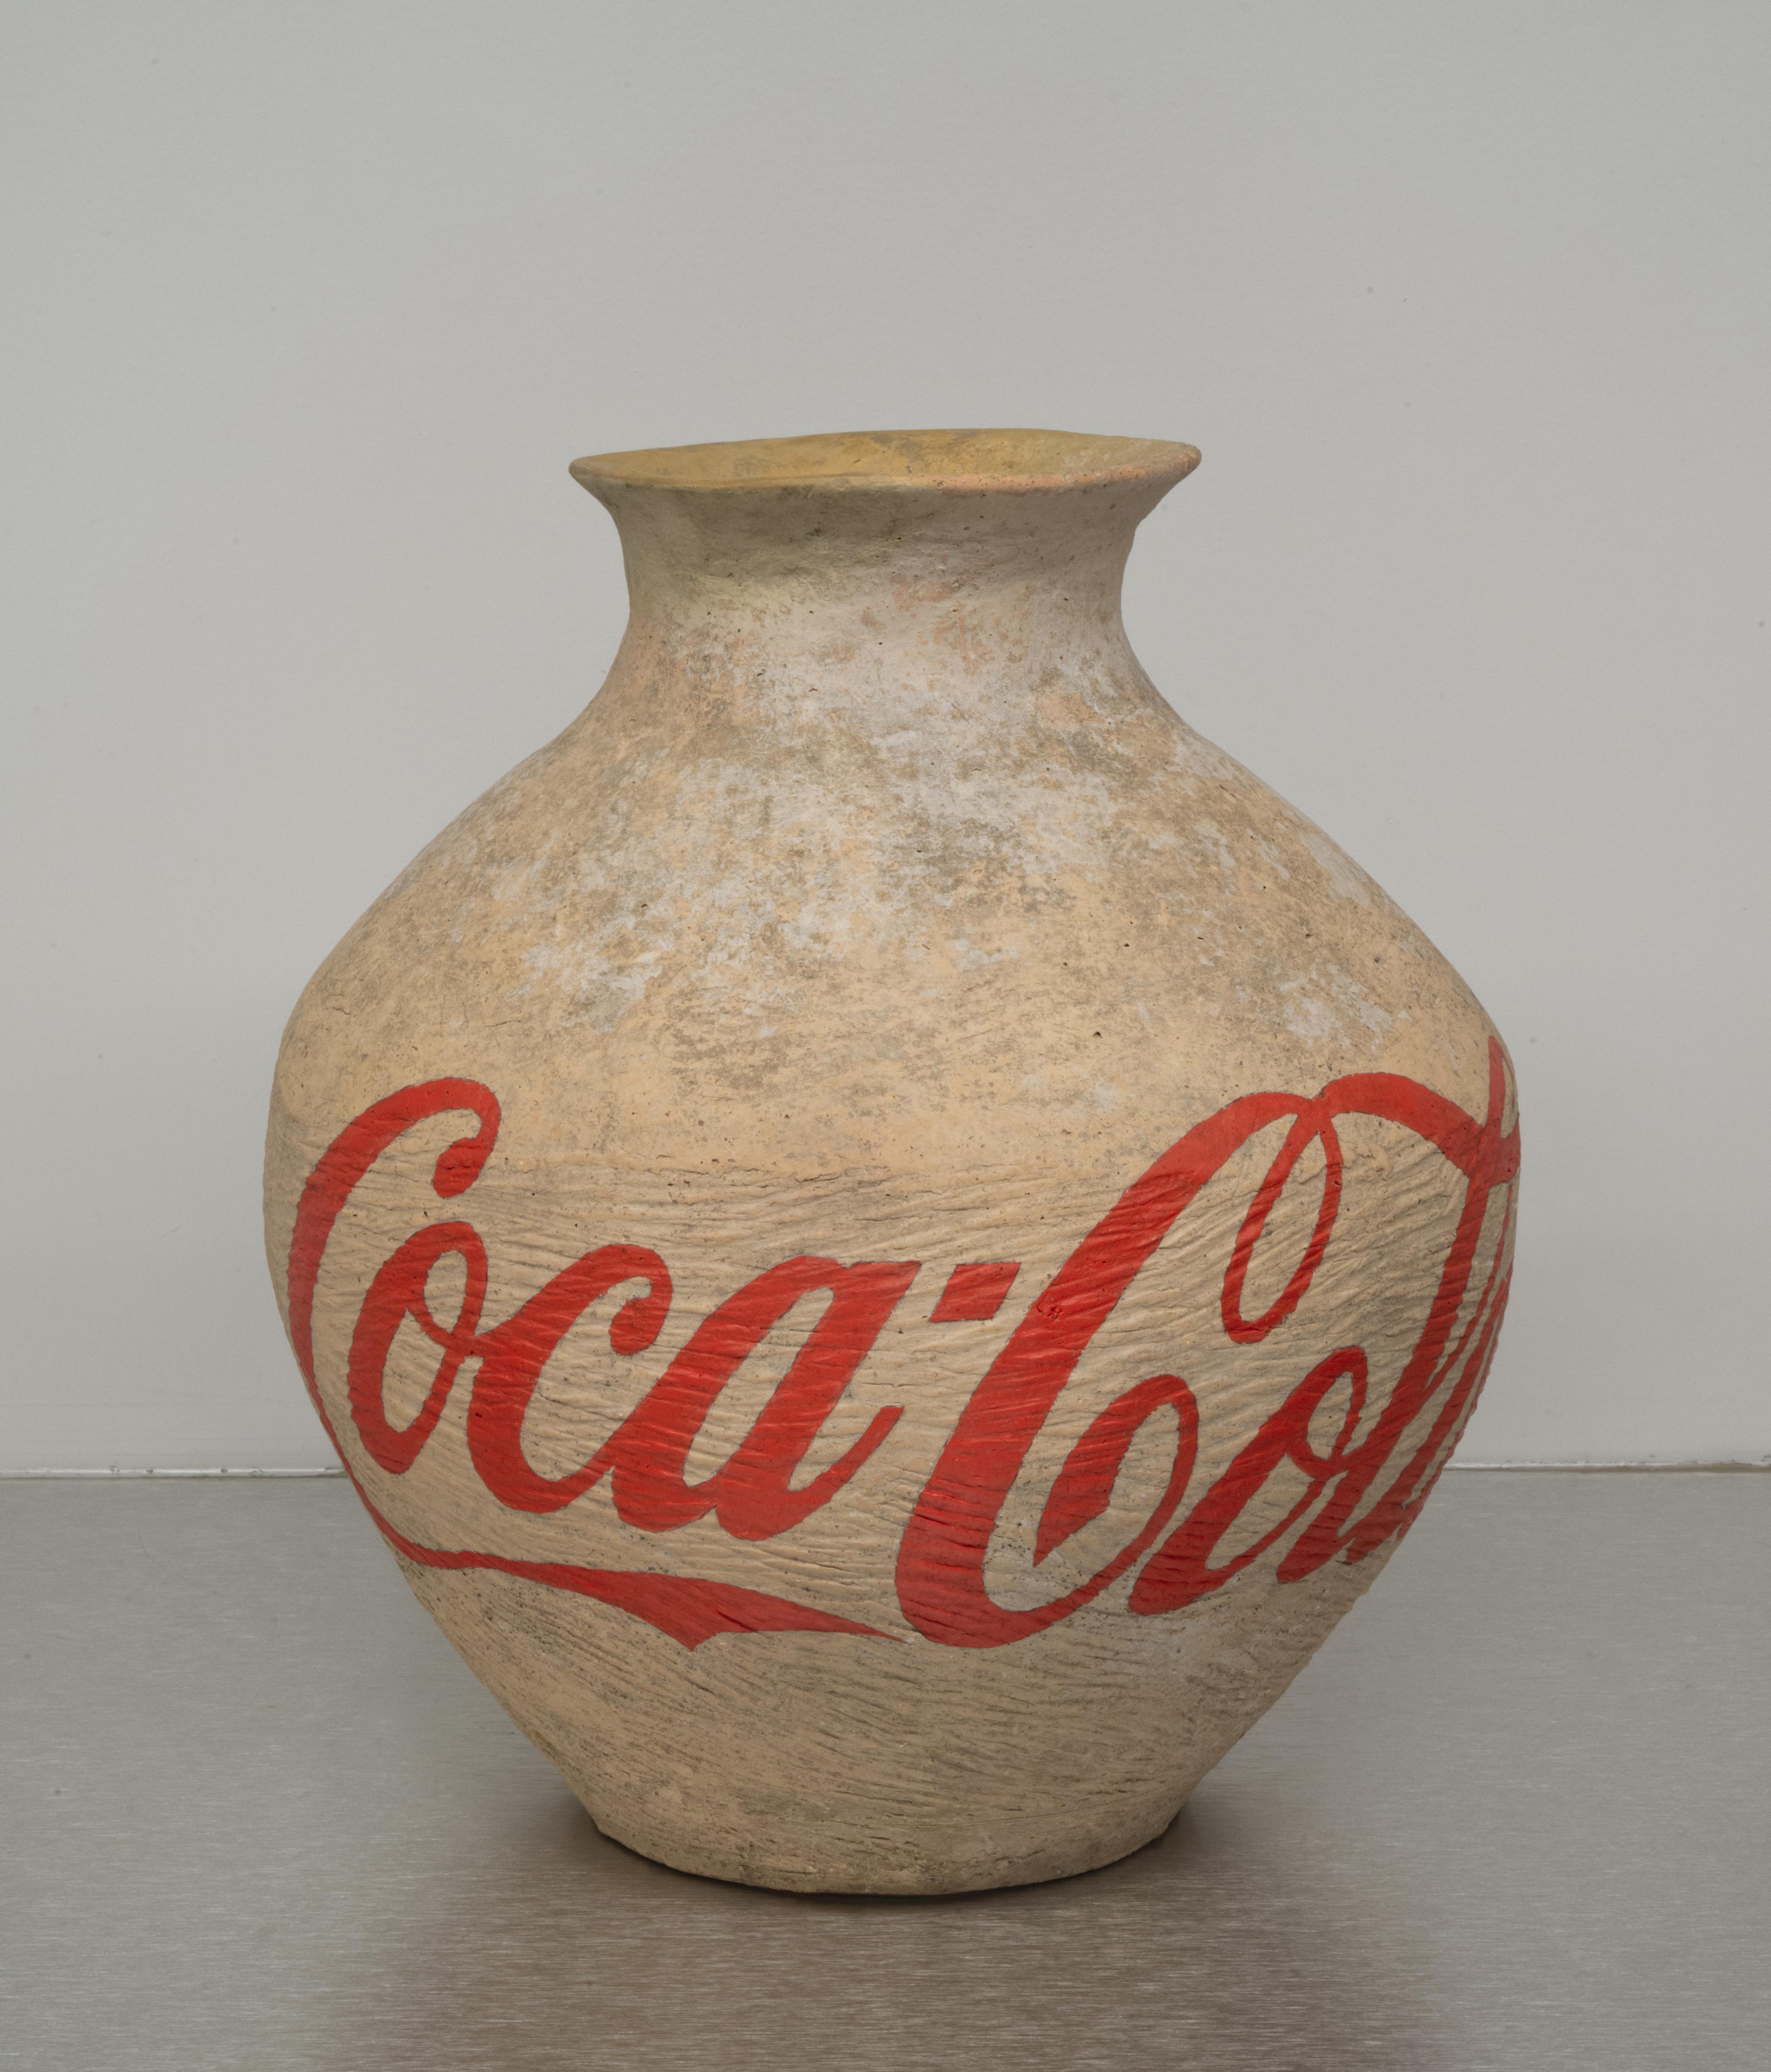 Coca-Cola Vase